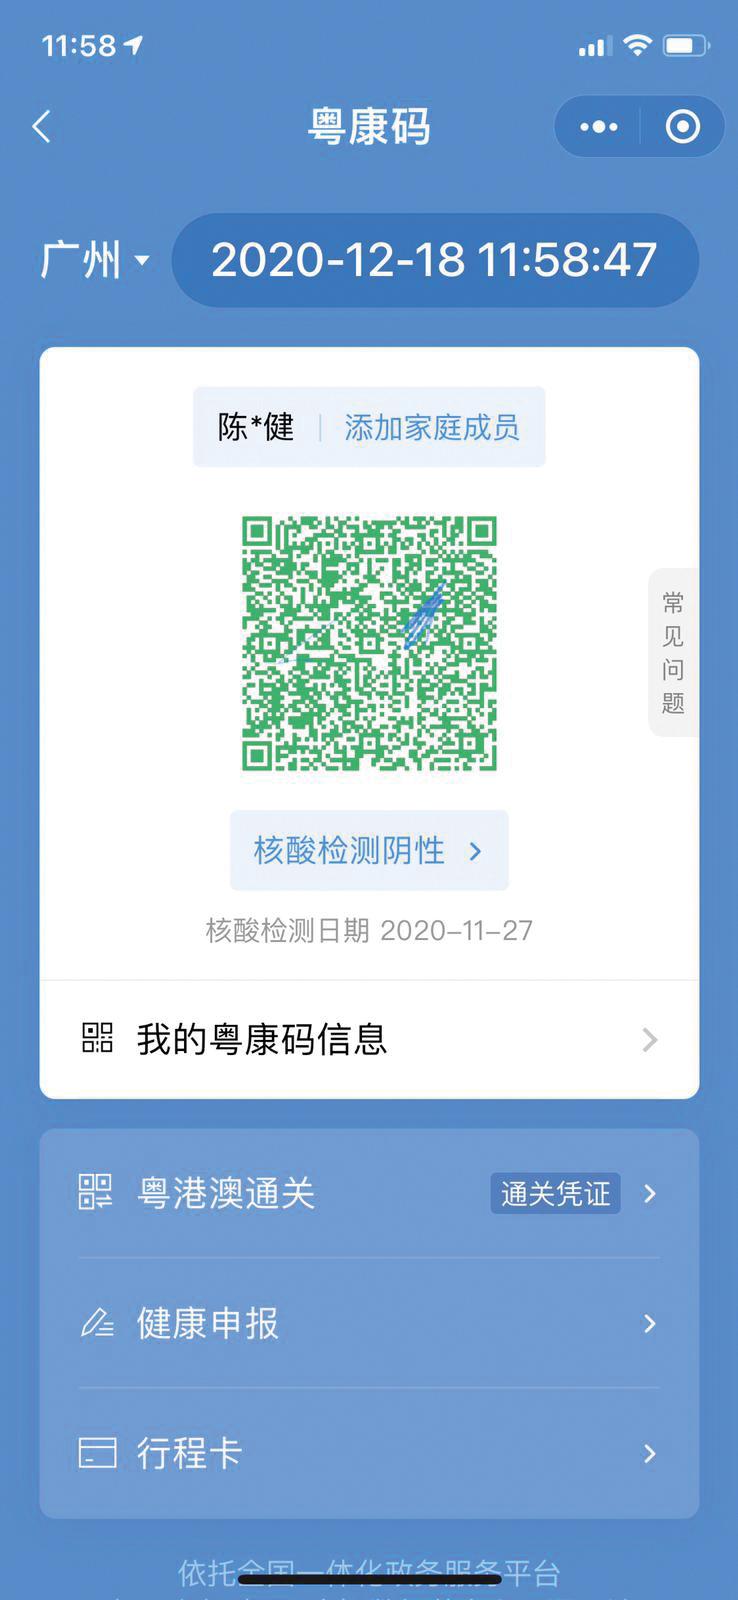 進入深圳「健康碼」是護身符。